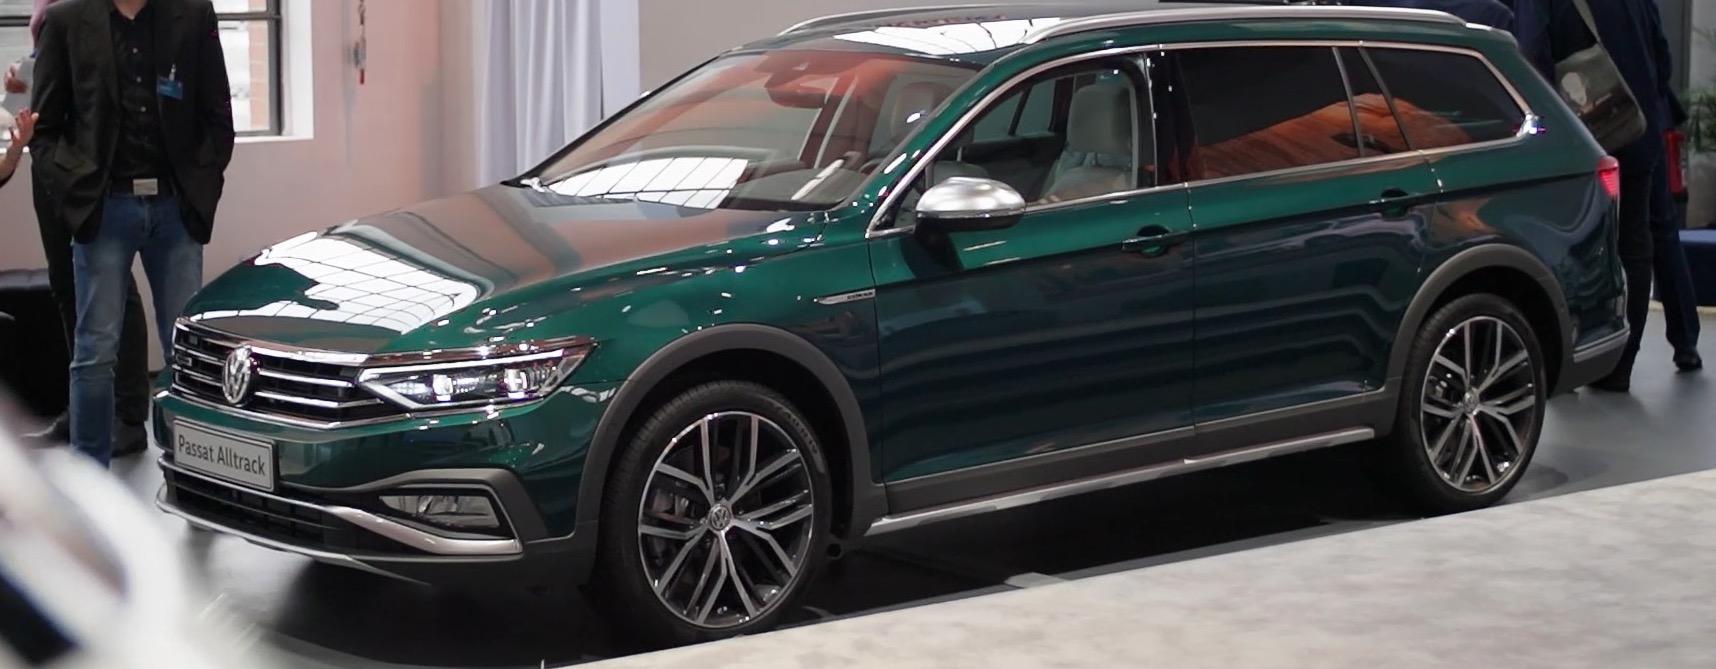 Vw Passat Facelift 2019 Autogefuhl